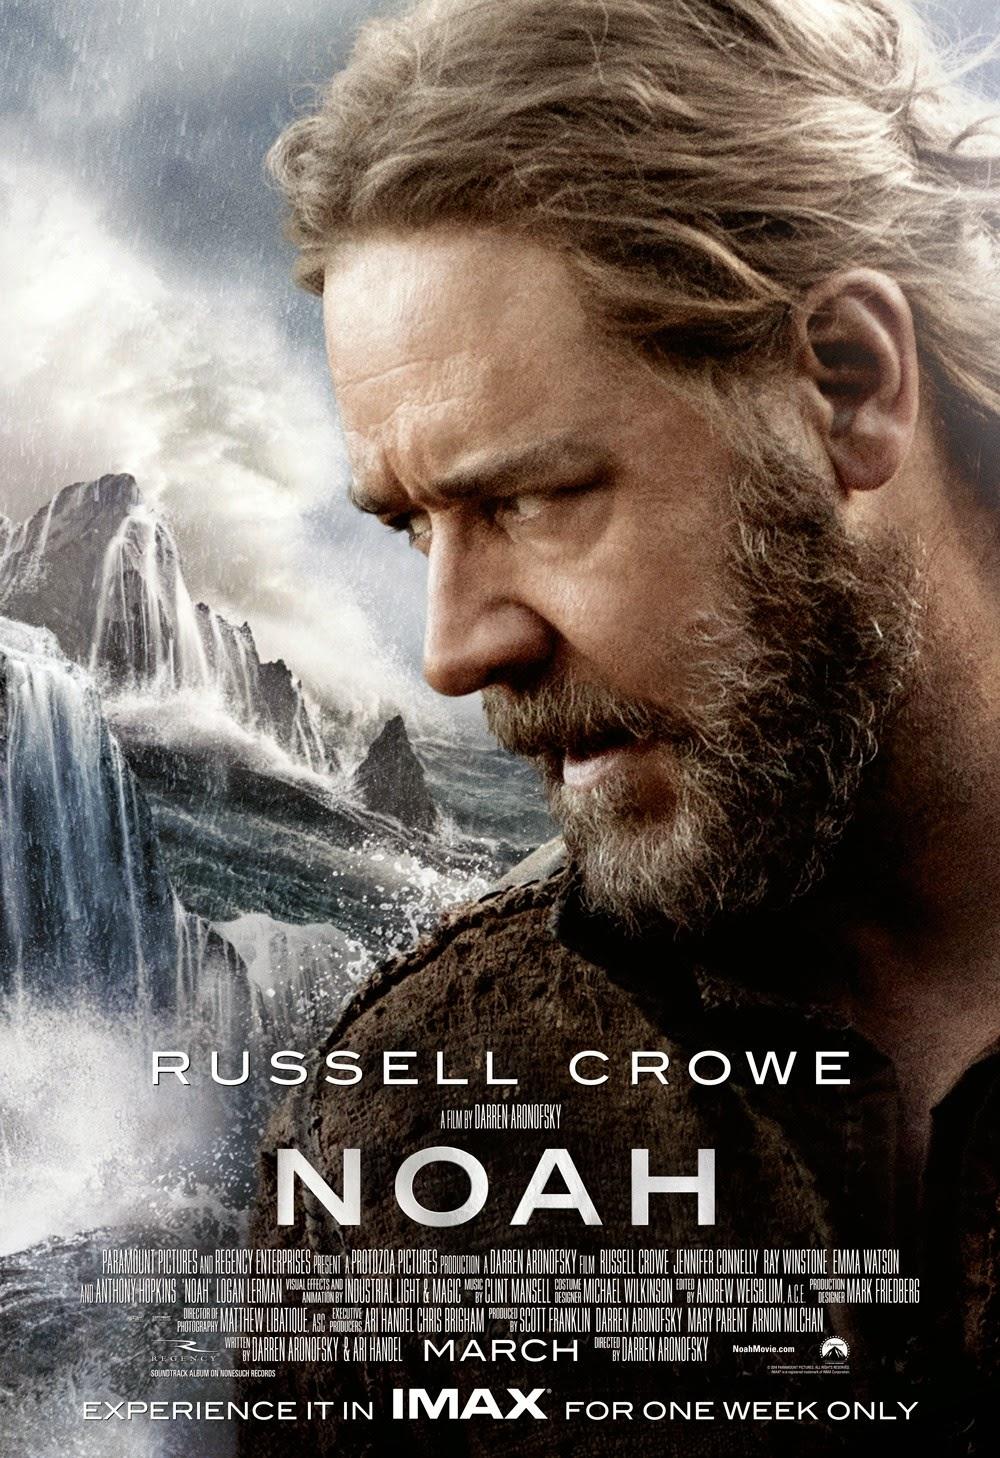 Film Hd Terbaru Noah 2014